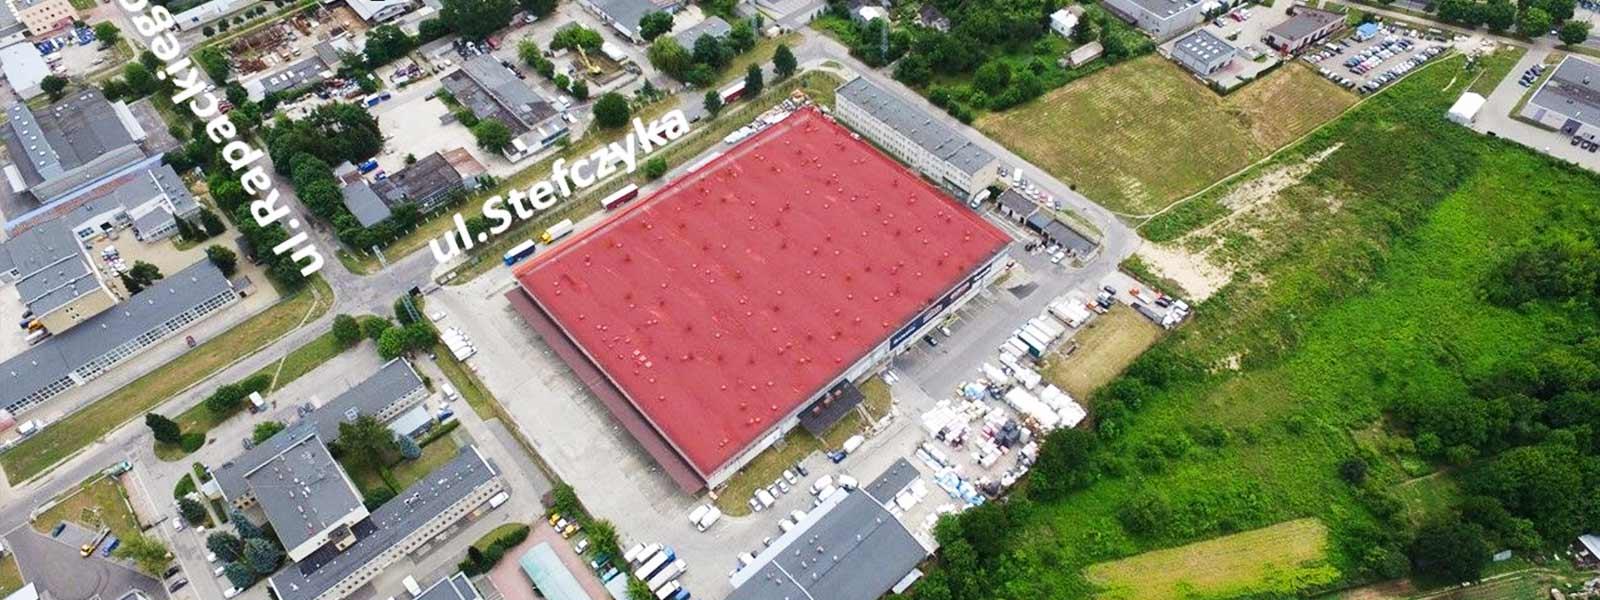 Lublin Bursaki, ul. Stefczyka 1306 m2 - TNGS Tomasz Karman - Biuro Obsługi Inwestora - Lublin